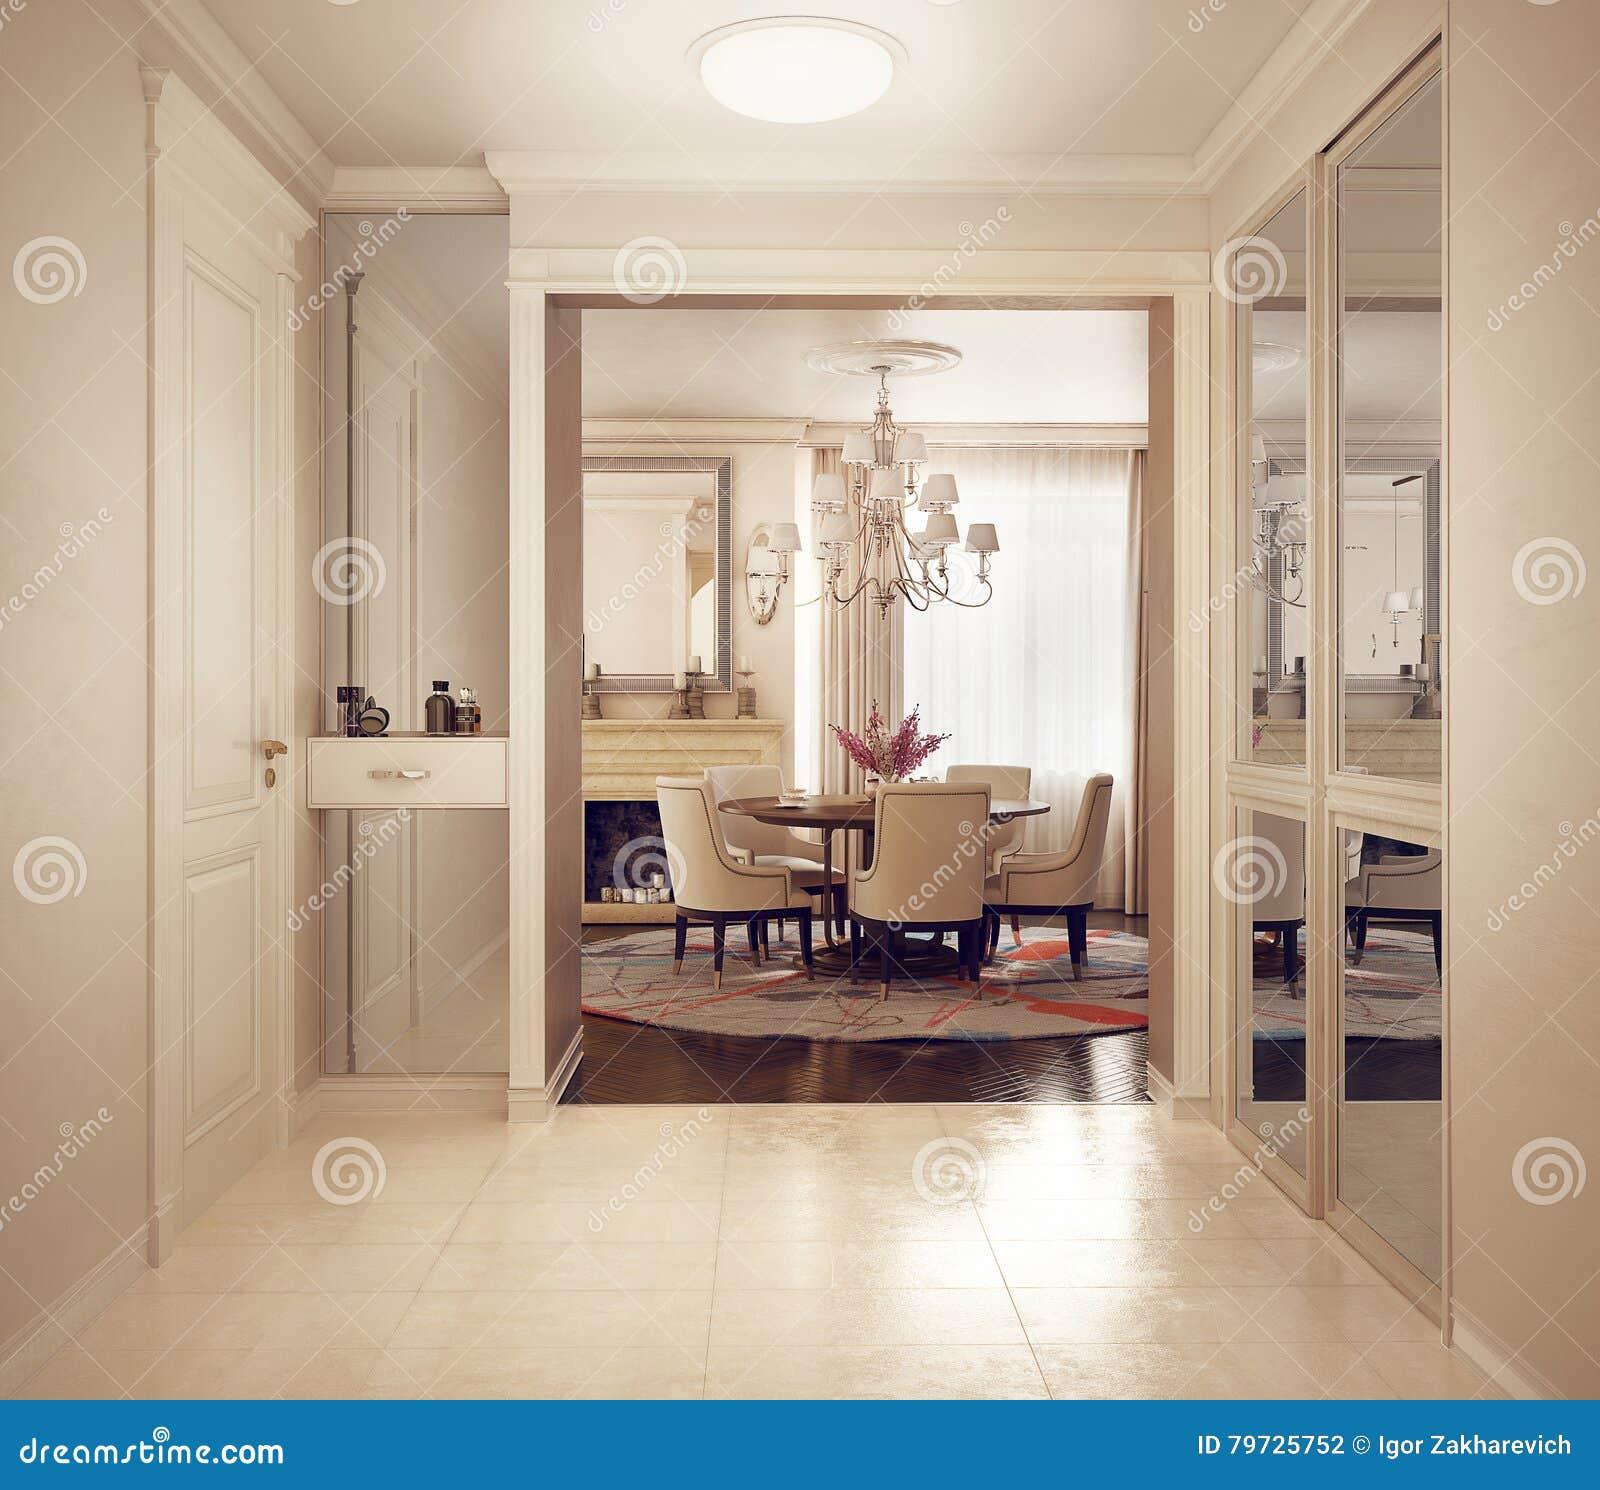 Apartamentos en un estilo moderno